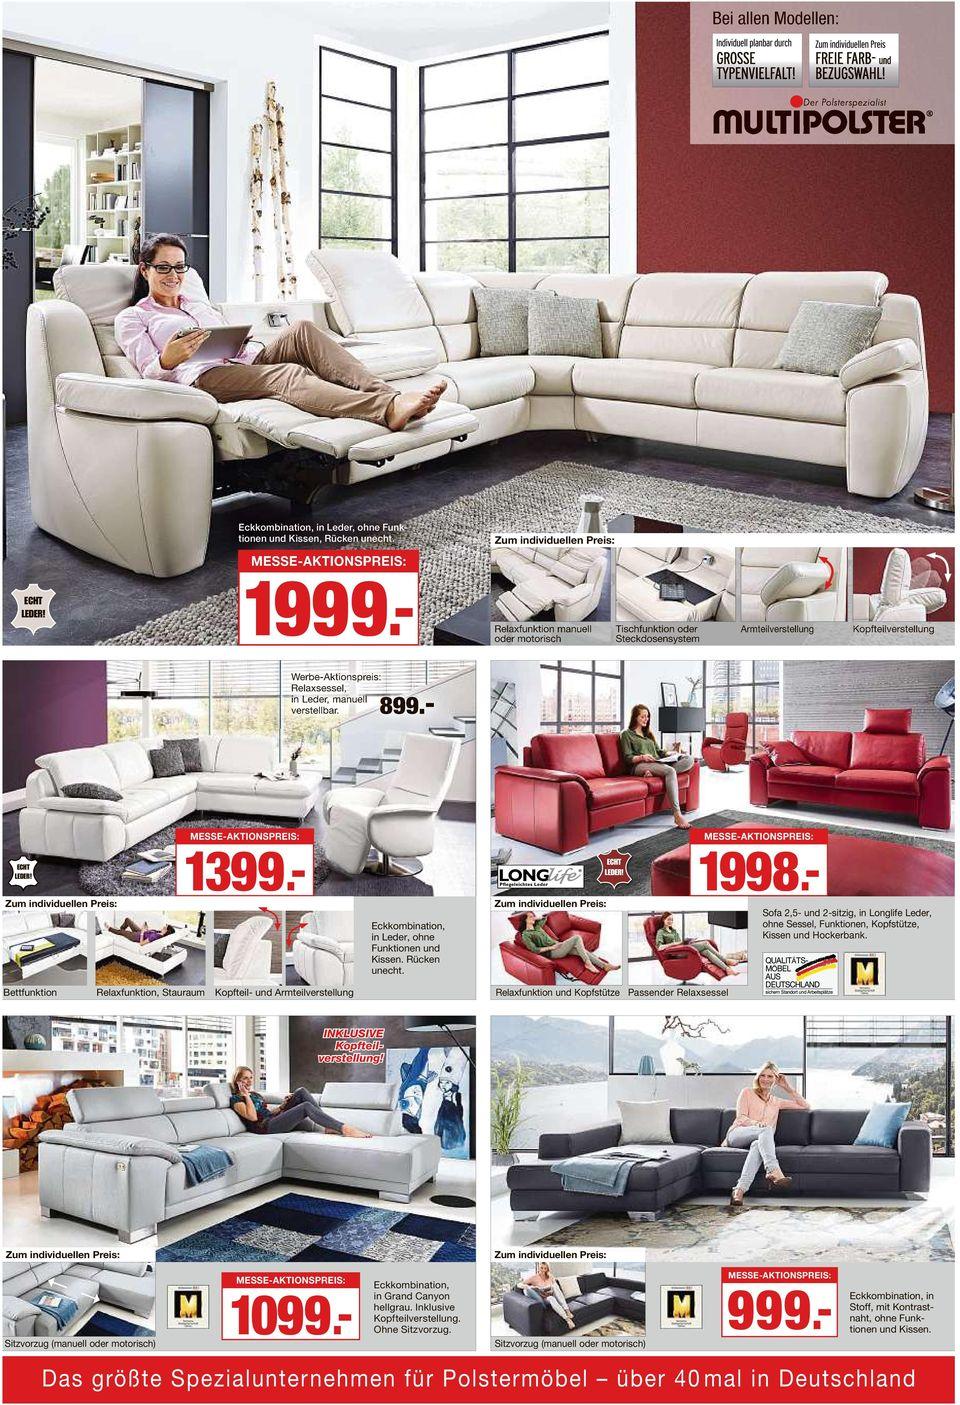 Full Size of Allgemeiner Anzeiger Pdf Free Download Bad Abverkauf Inselküche Küchen Regal Wohnzimmer Walden Küchen Abverkauf